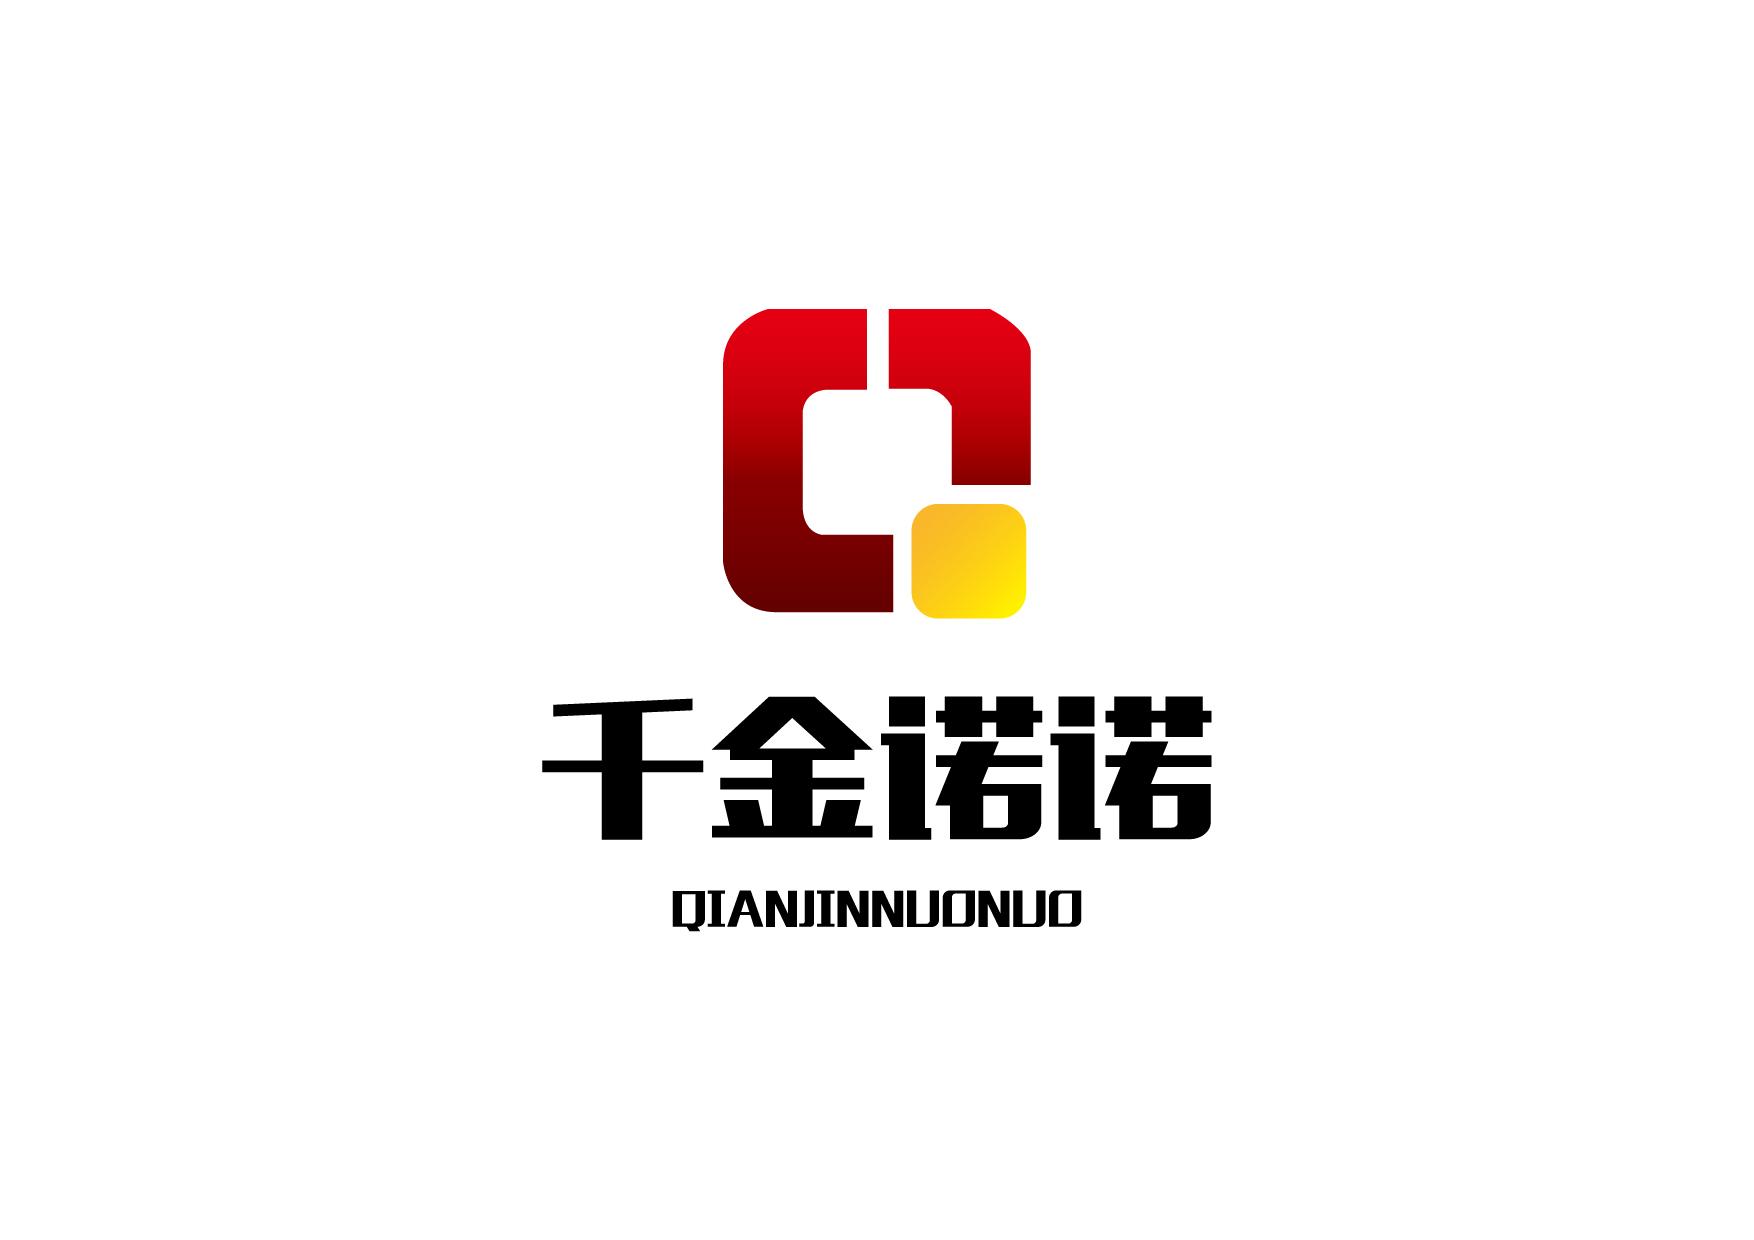 重庆千金诺诺科技有限公司_联英人才网_hrm.cn